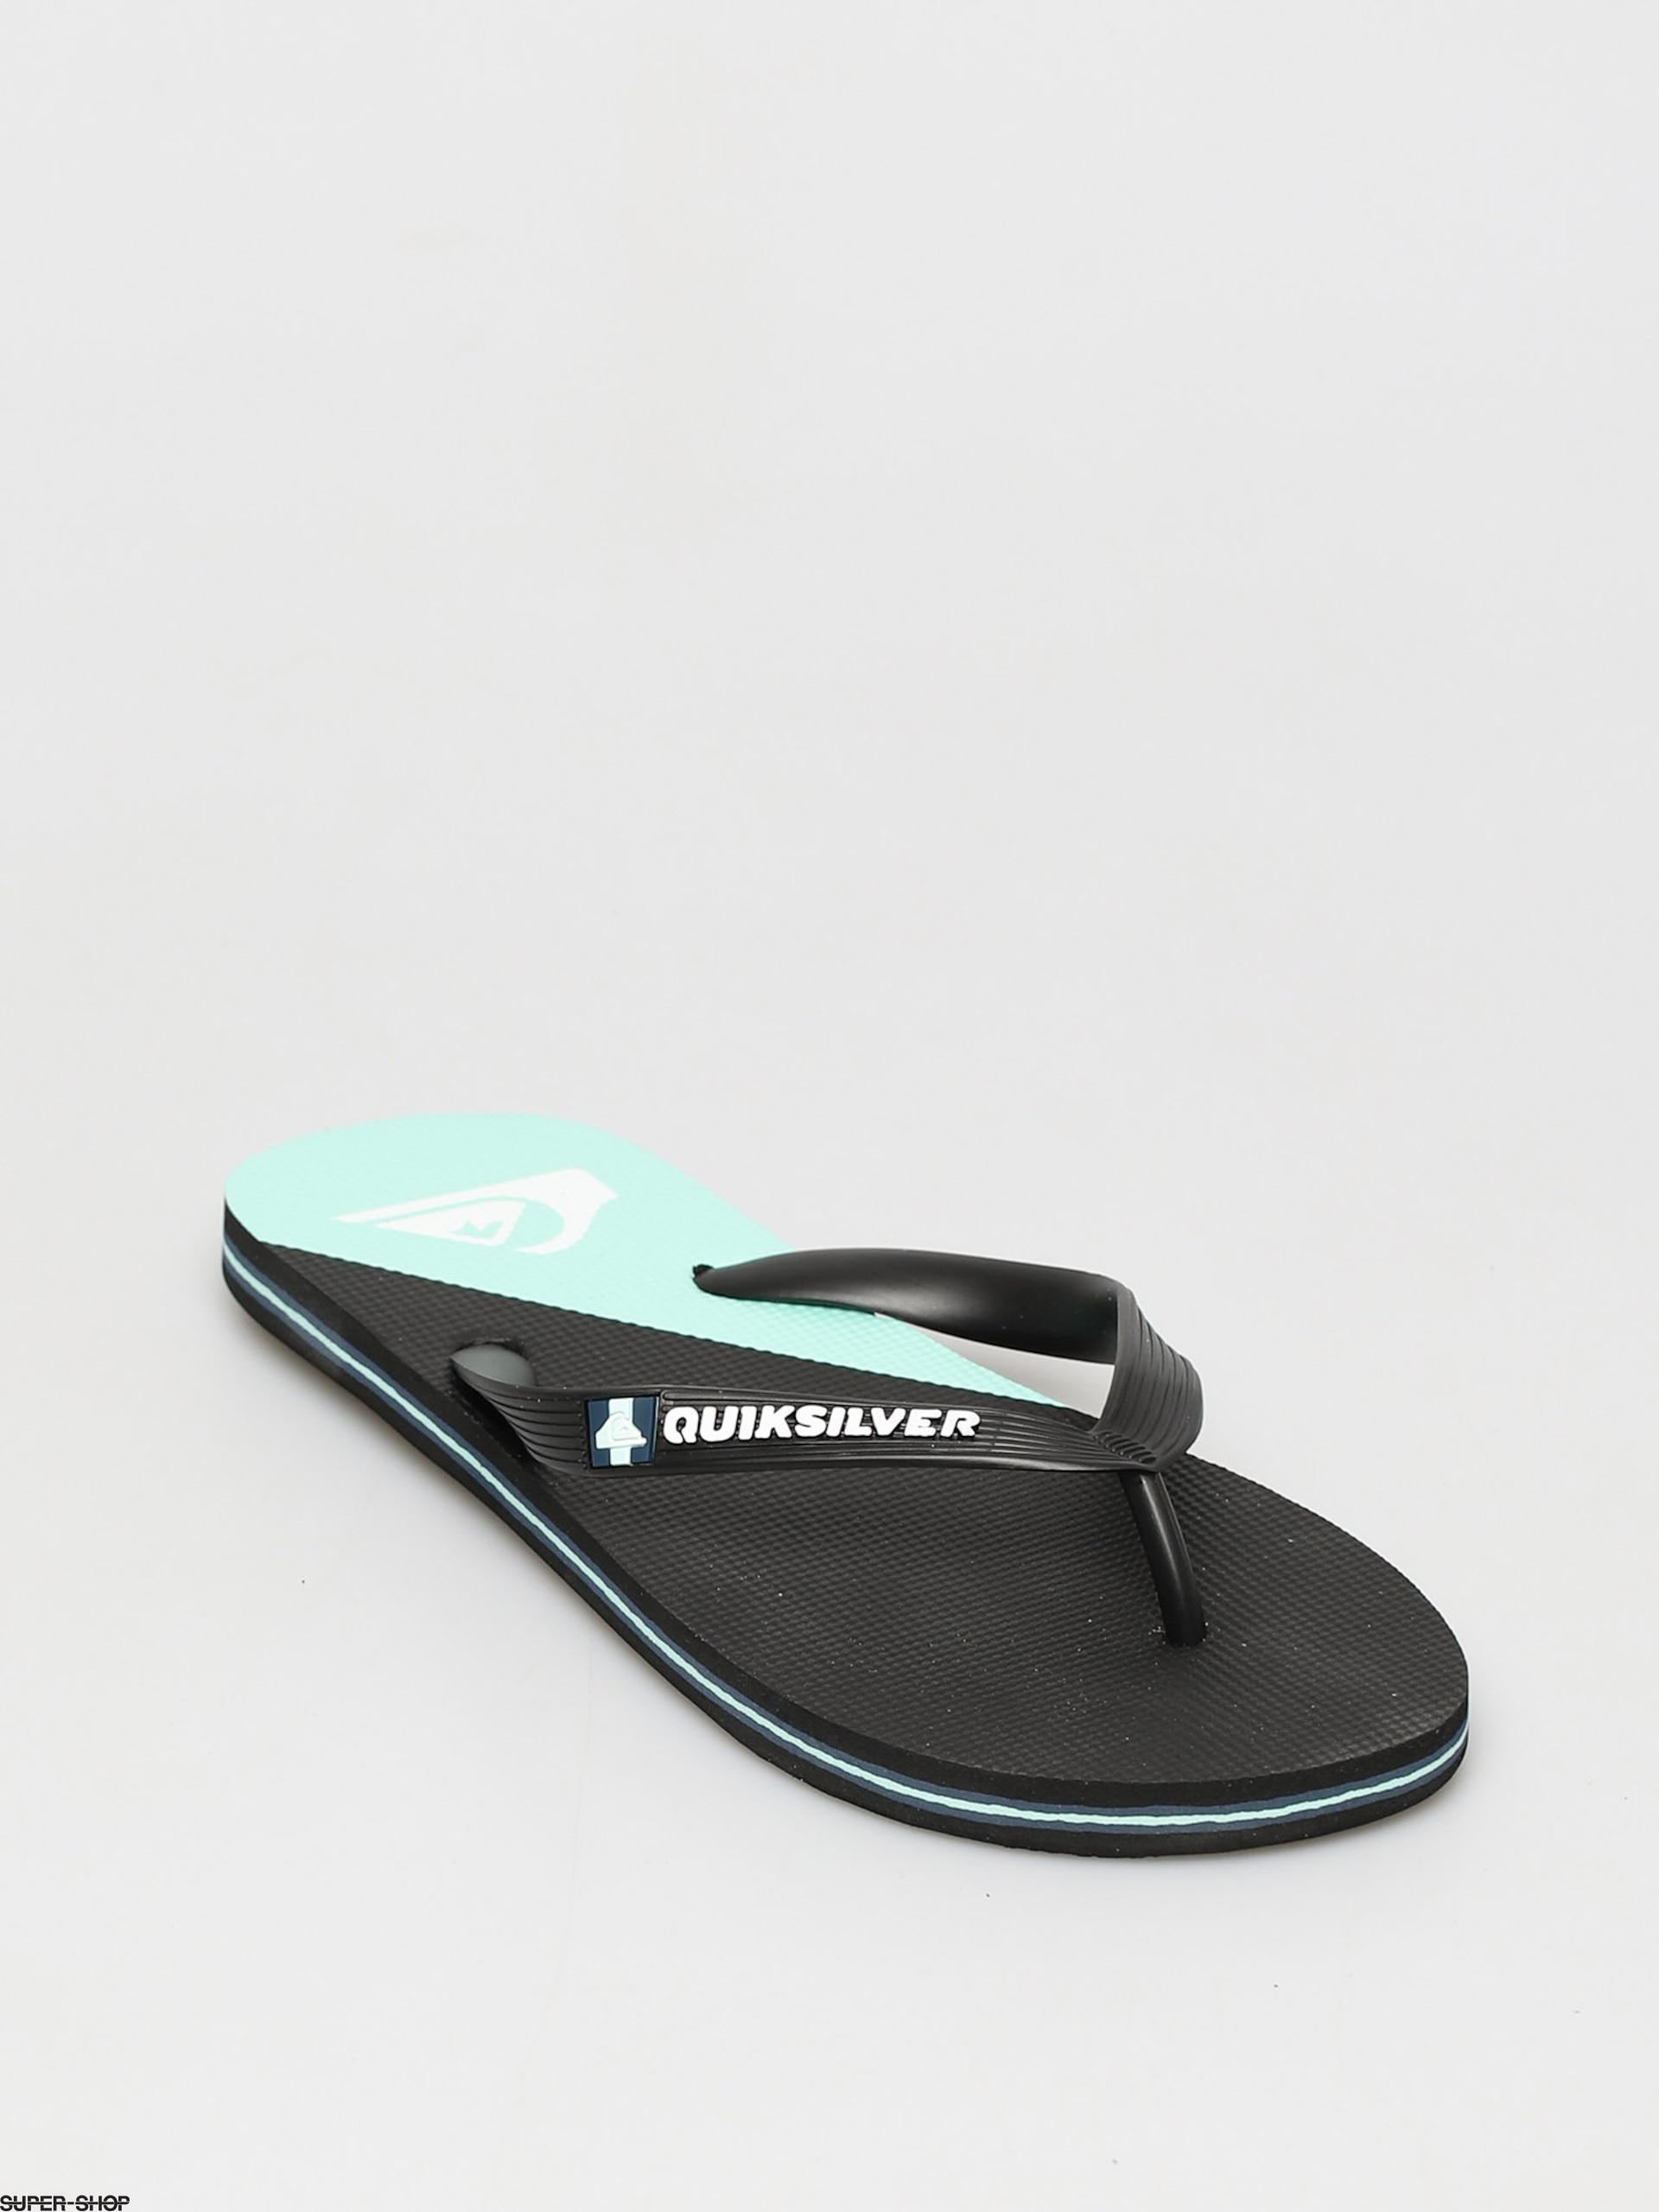 Quiksilver Molokai New Wave Flip-flops